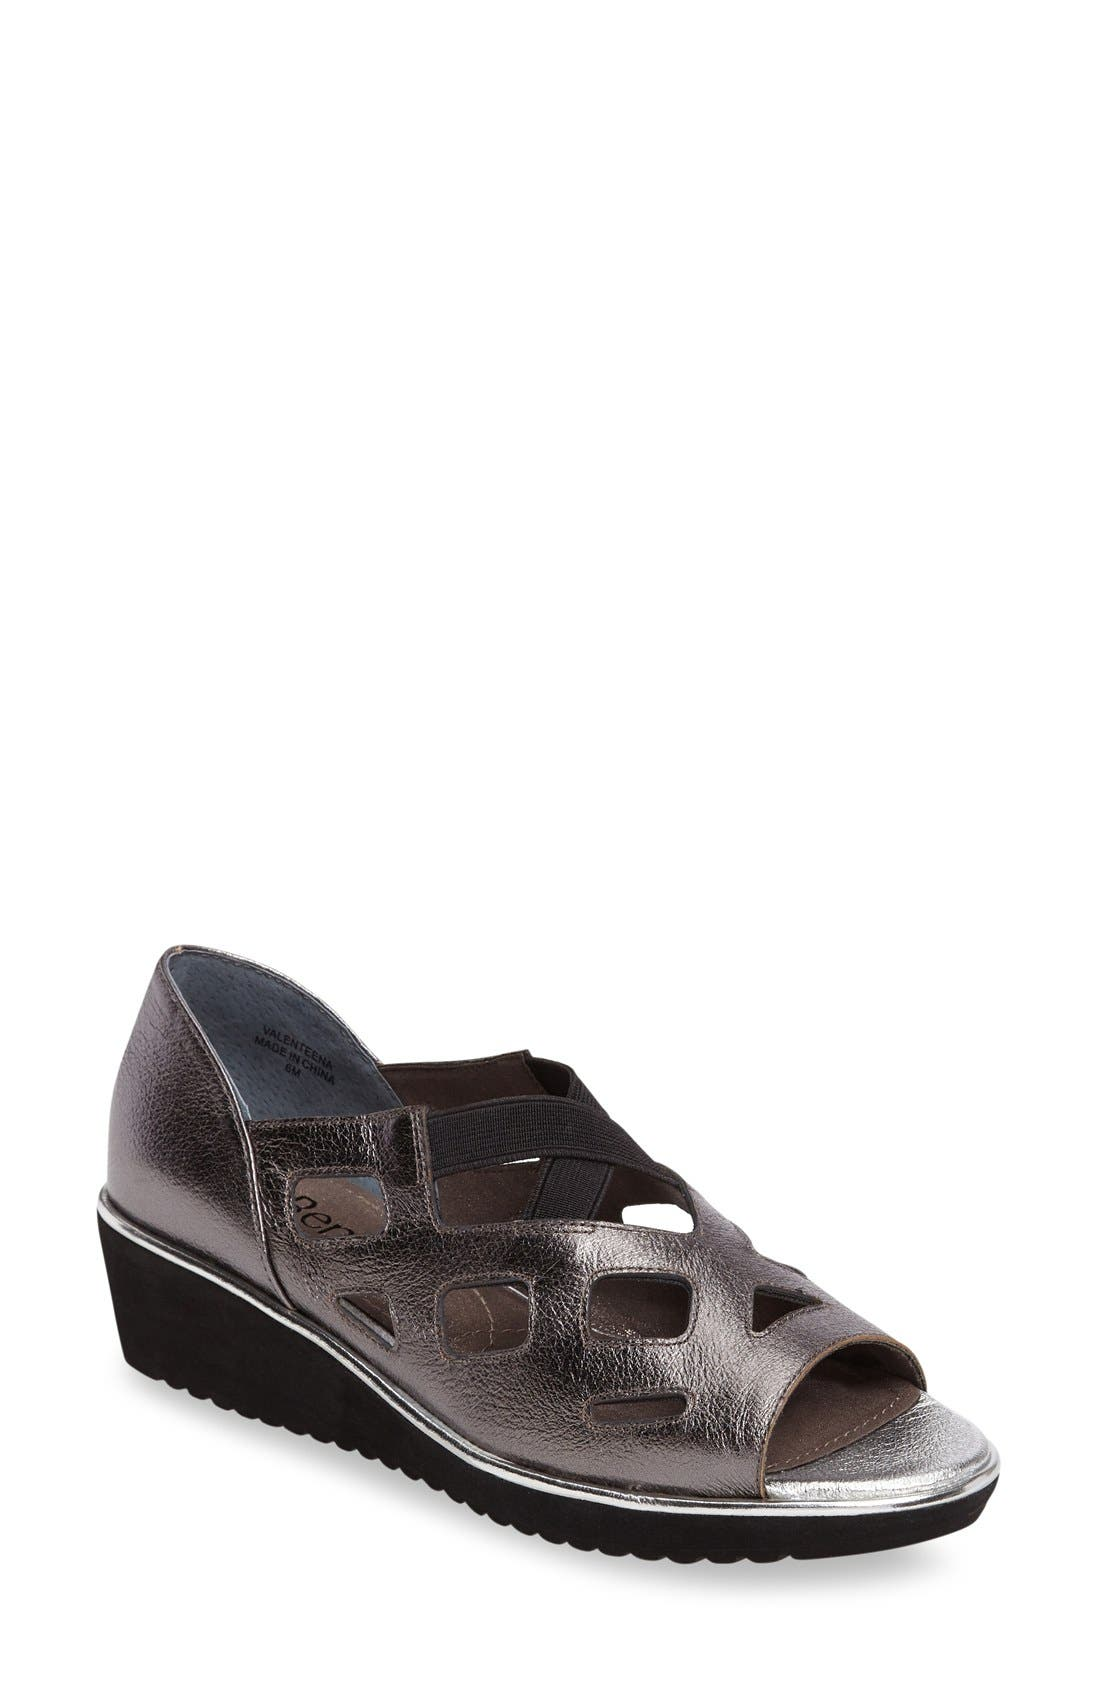 J. Reneé Valent Cut Out Wedge Sandal (Women)